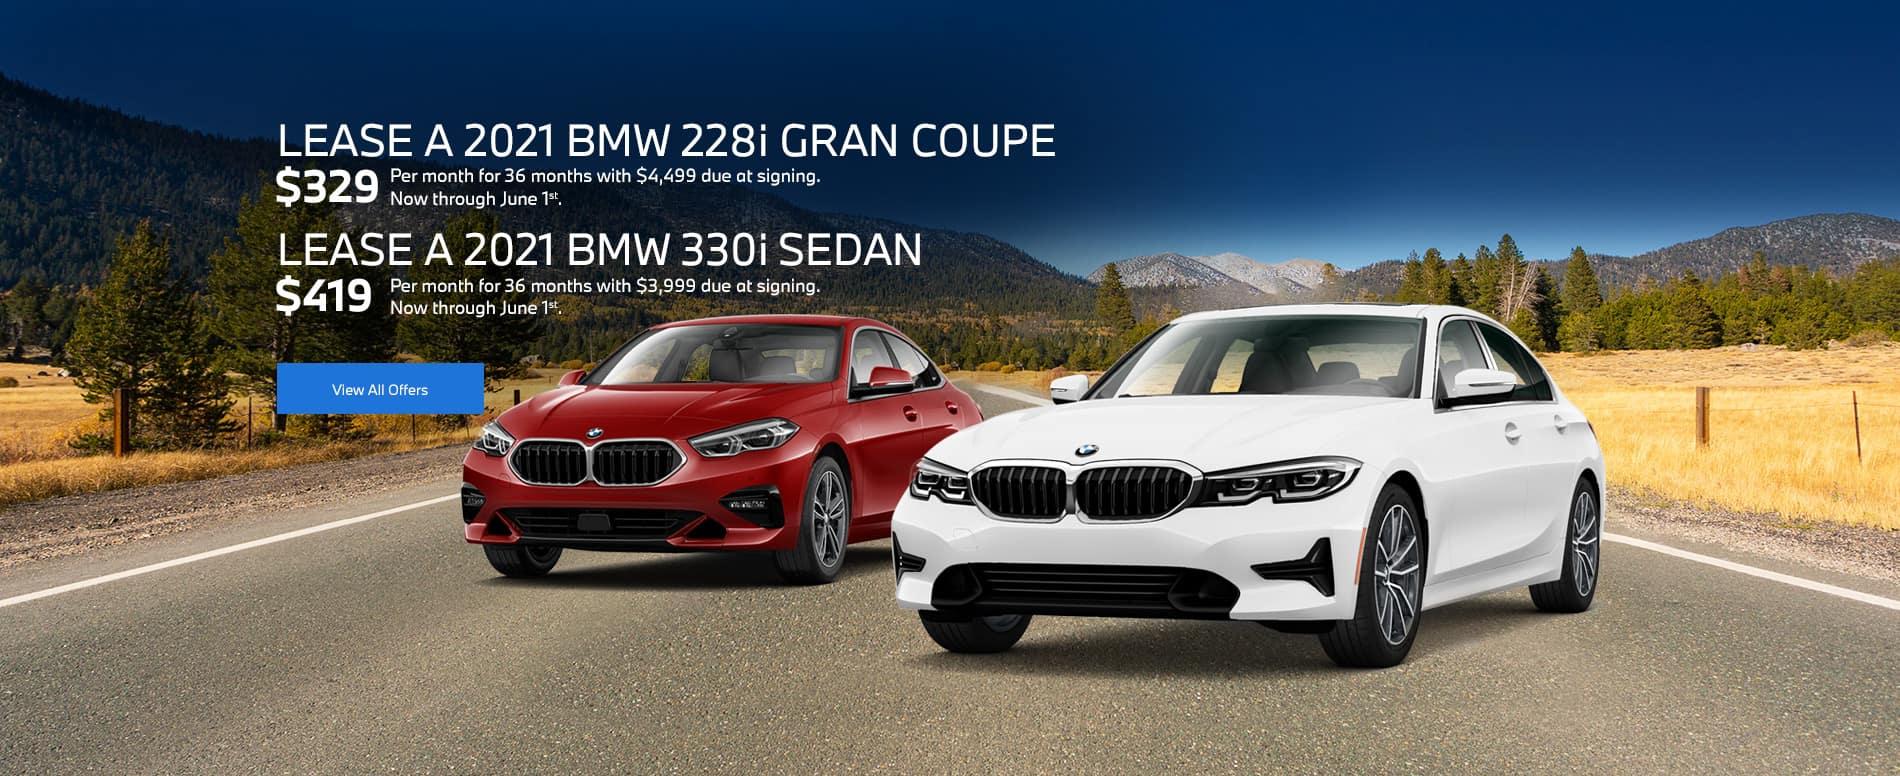 2021 BMW 228i & 2021 BMW 330i